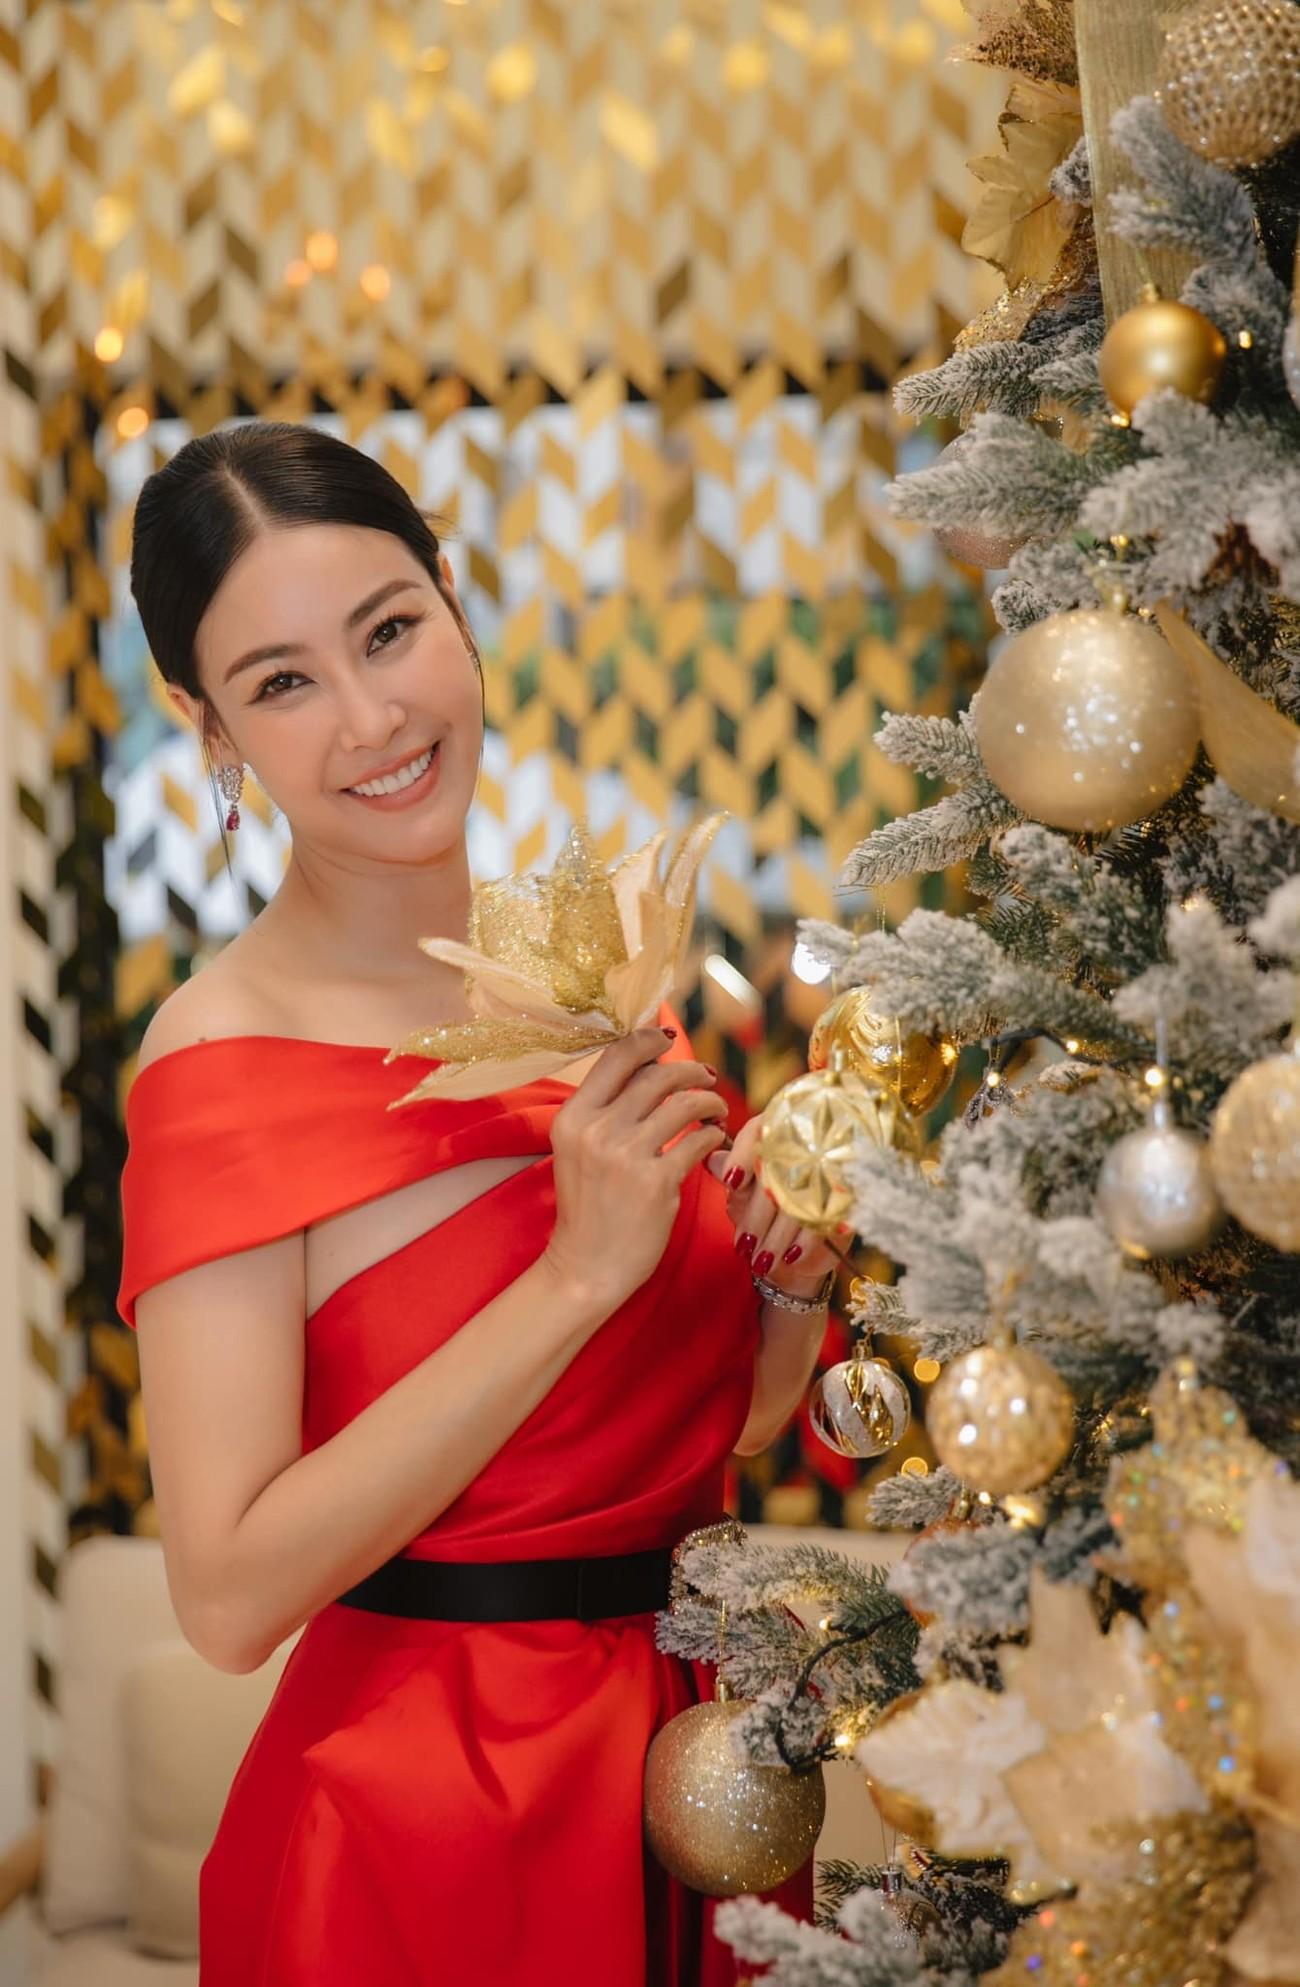 Tiểu Vy, Hà Kiều Anh và dàn hậu diện váy đỏ rực khoe dáng nóng bỏng đêm Giáng Sinh ảnh 4